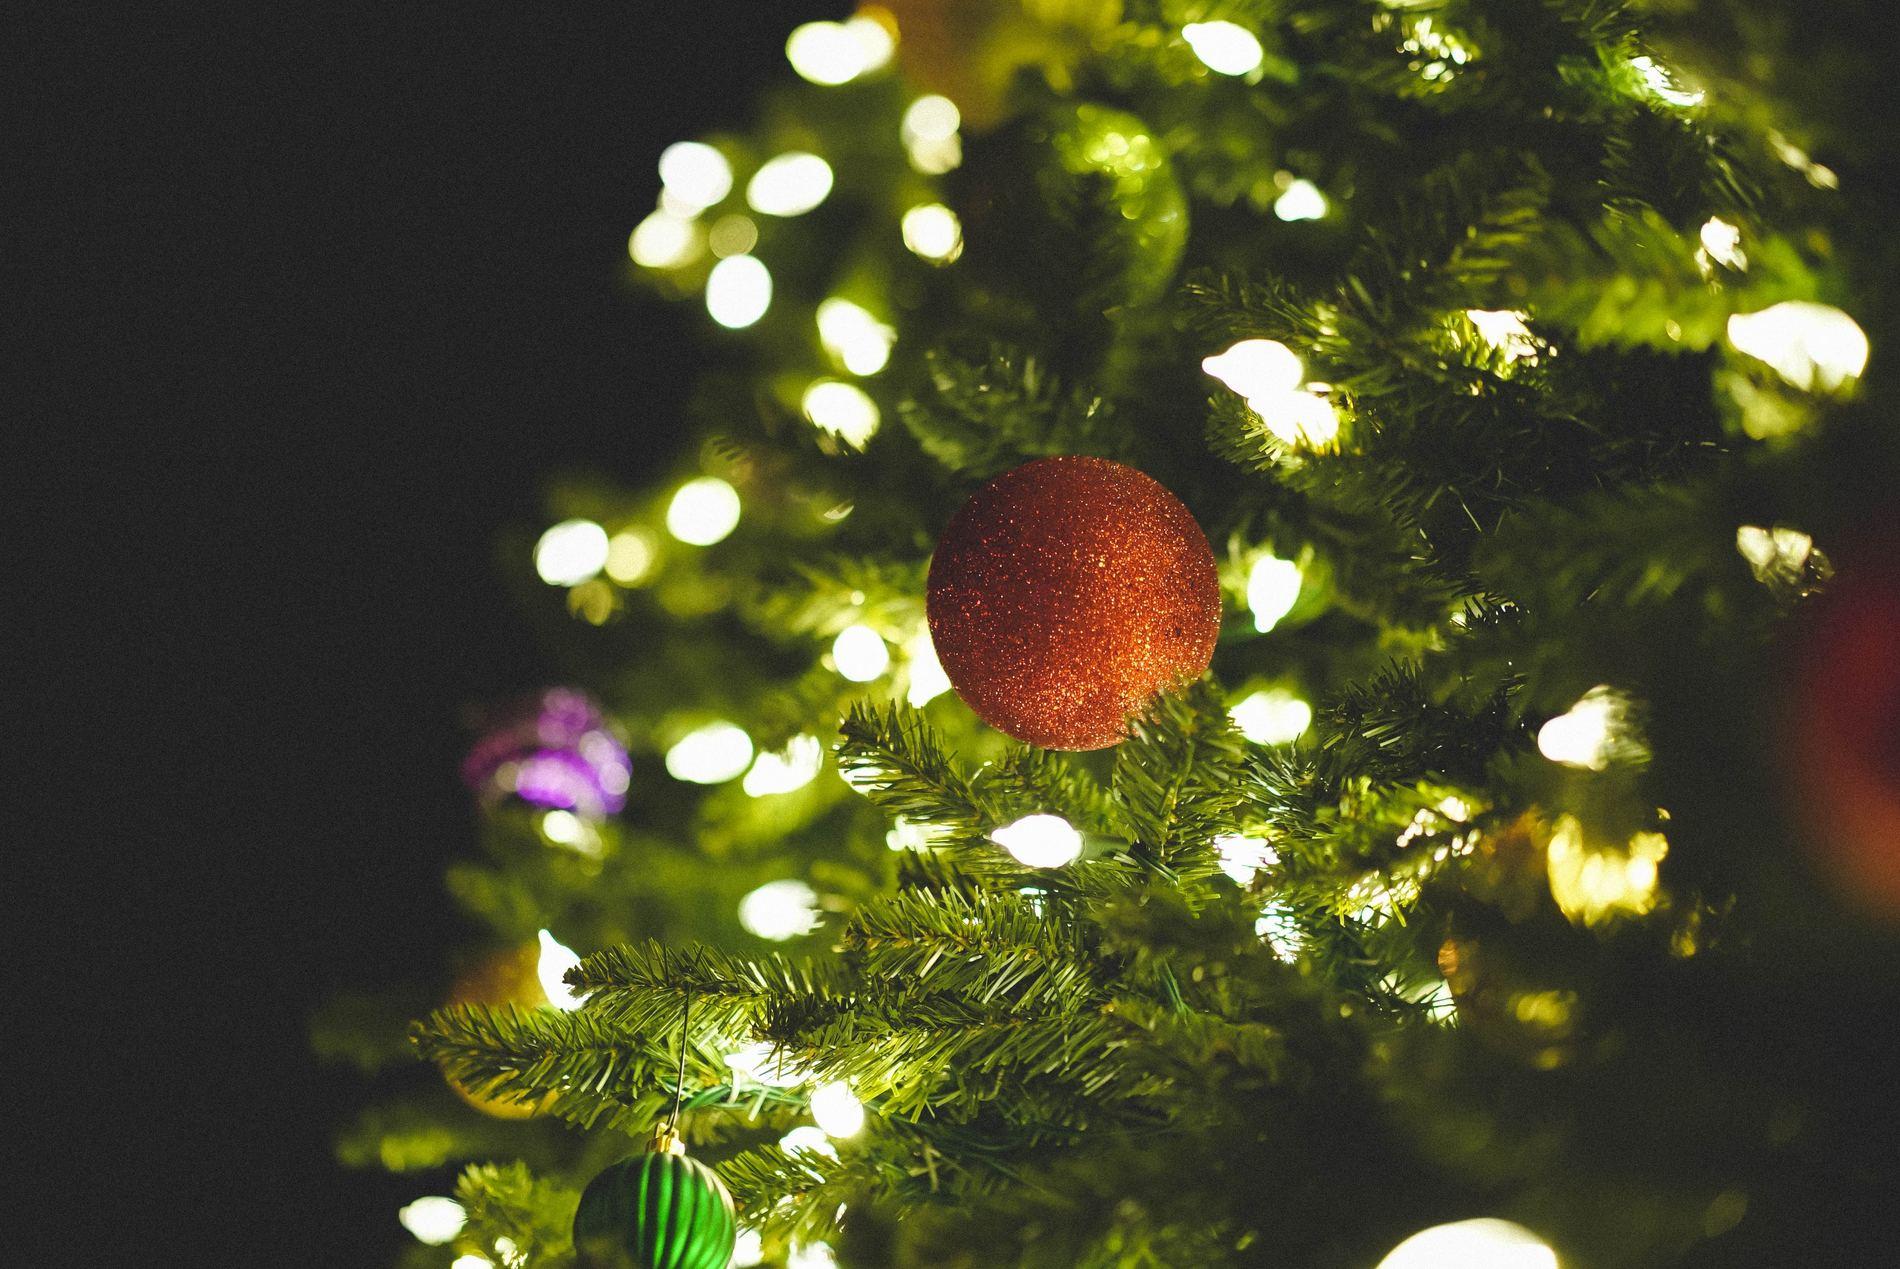 möblum-eventos_navideños_en_la_CDMX-frazada-estilo_del_mes-white_design-invernal(2)